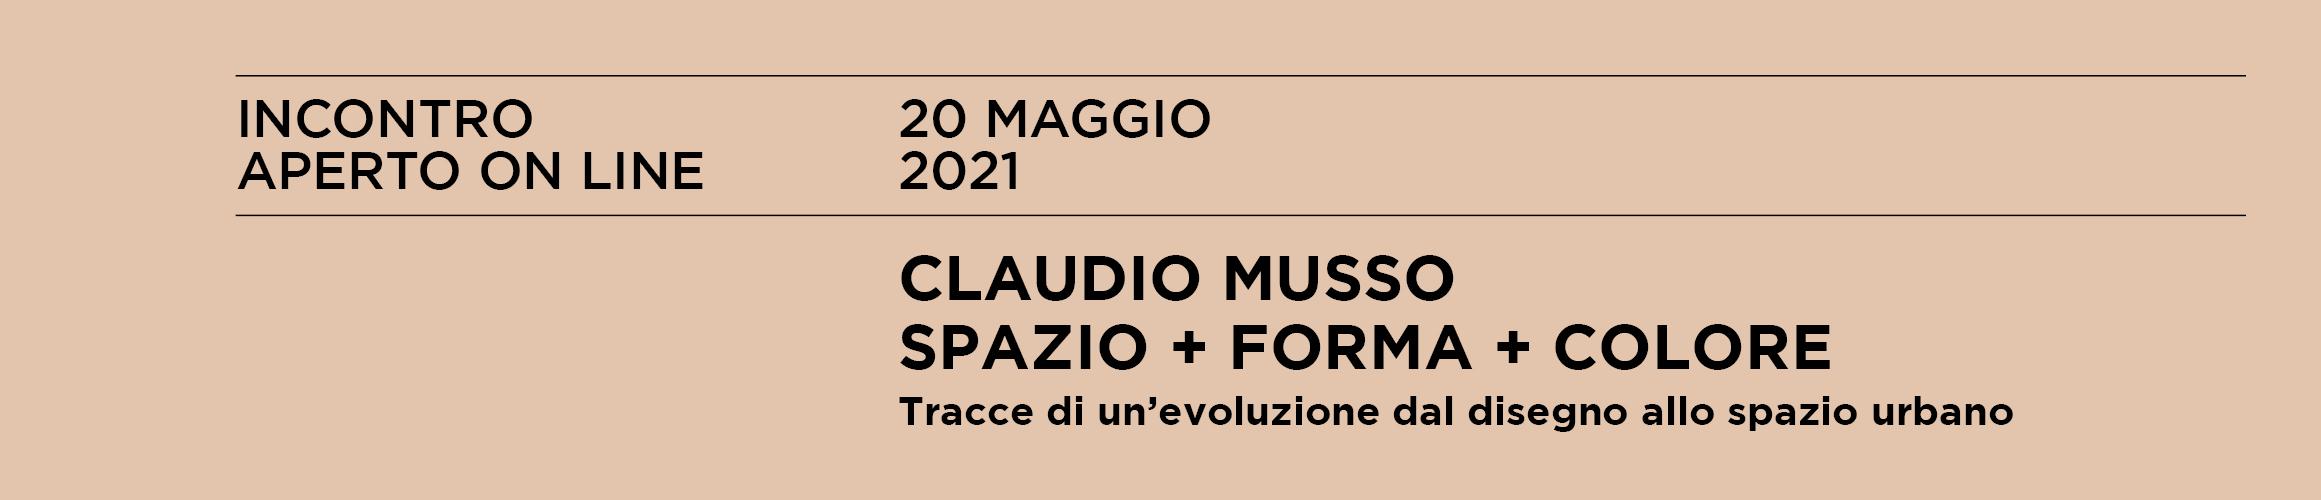 CLAUDIO MUSSO. SPAZIO + FORMA + COLORE Tracce di un'evoluzione dal disegno allo spazio urbano in dialogo con Andrea Chiesi